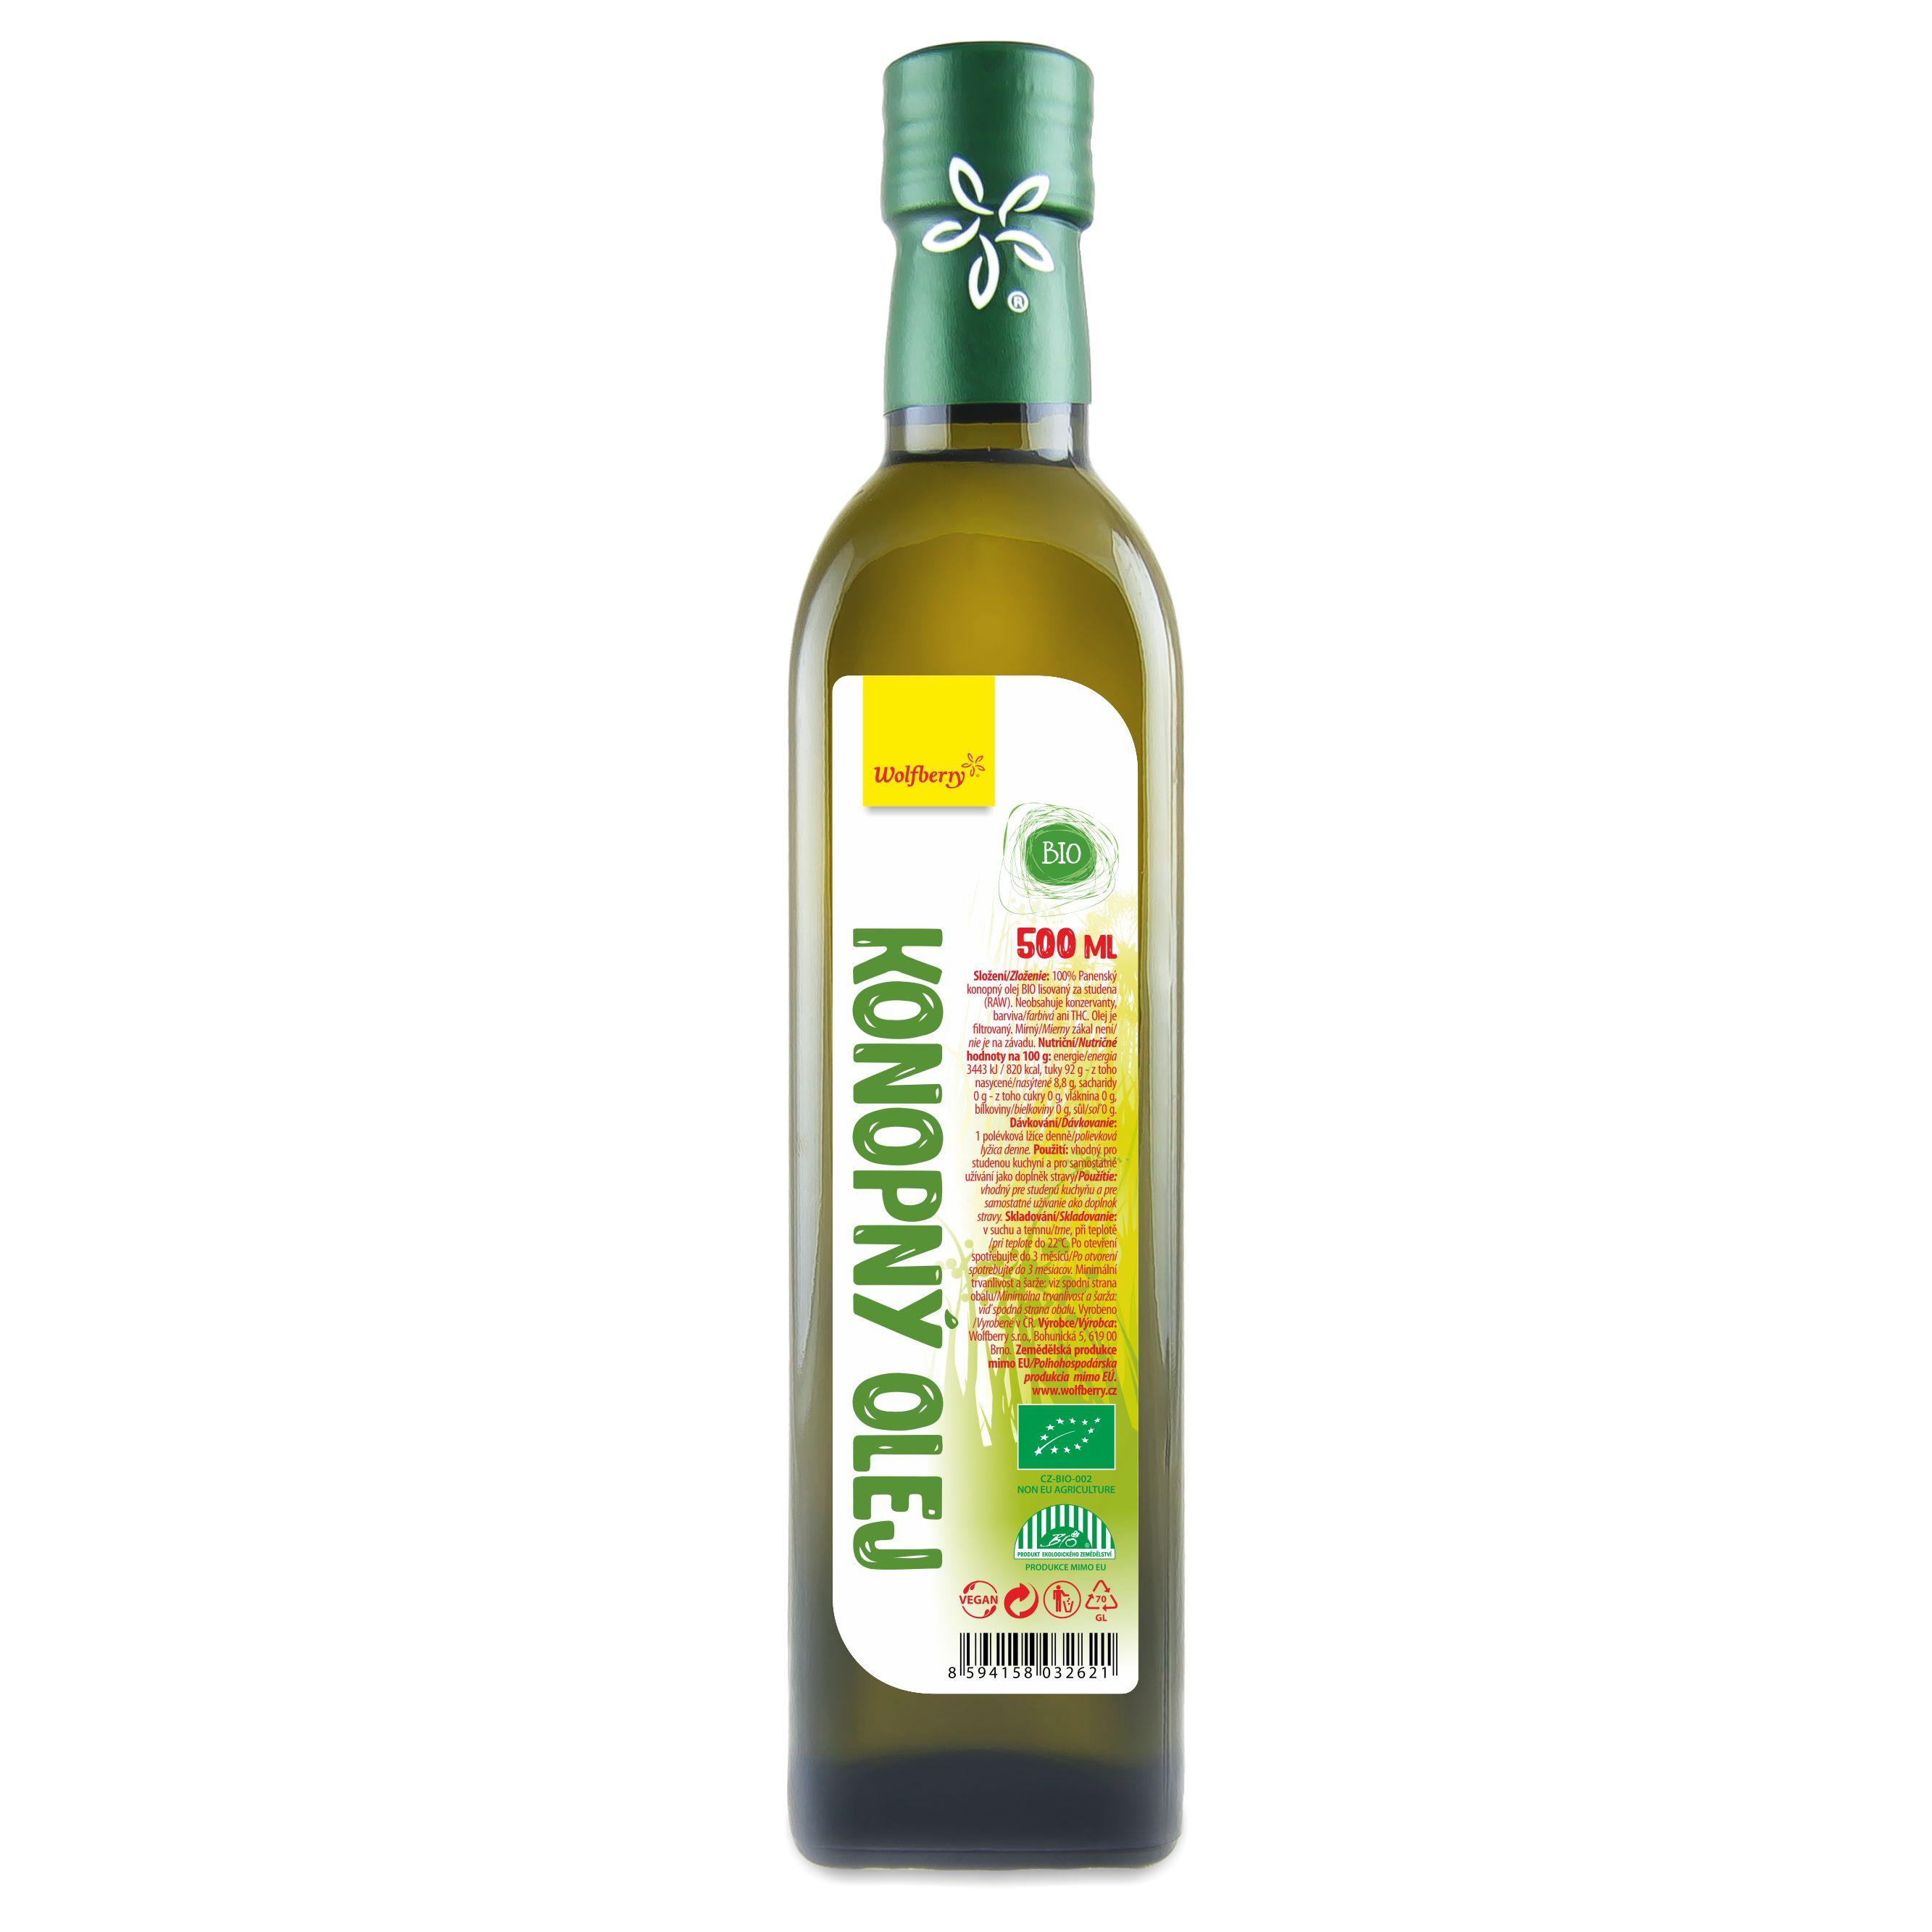 Wolfberry Konopný olej BIO 500 ml Wolfberry * 500ml